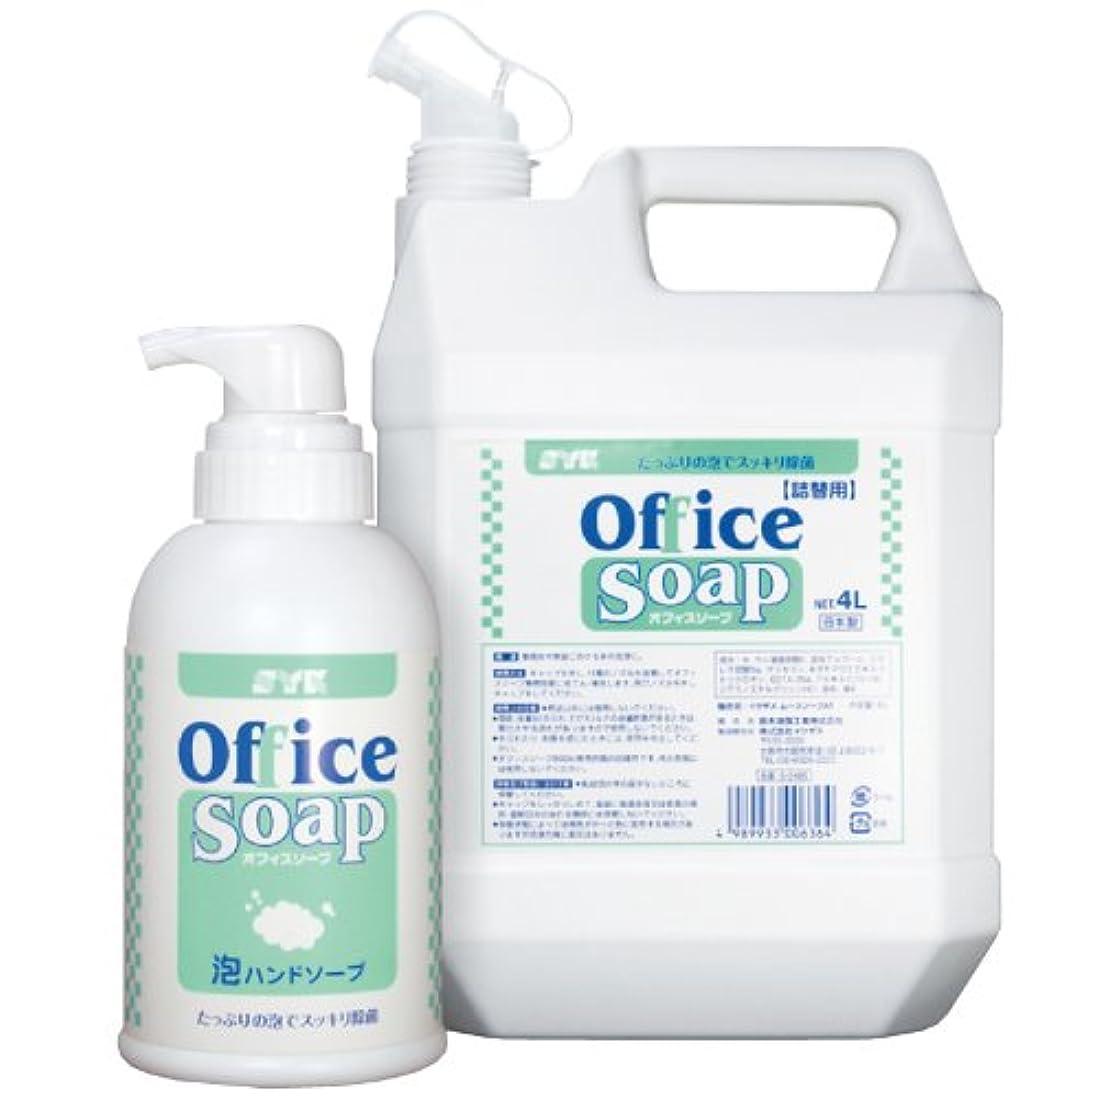 疑問に思う会社安全鈴木油脂 事務所用手洗い洗剤 業務用 オフィスソープ ポンプ入 780ml×3本